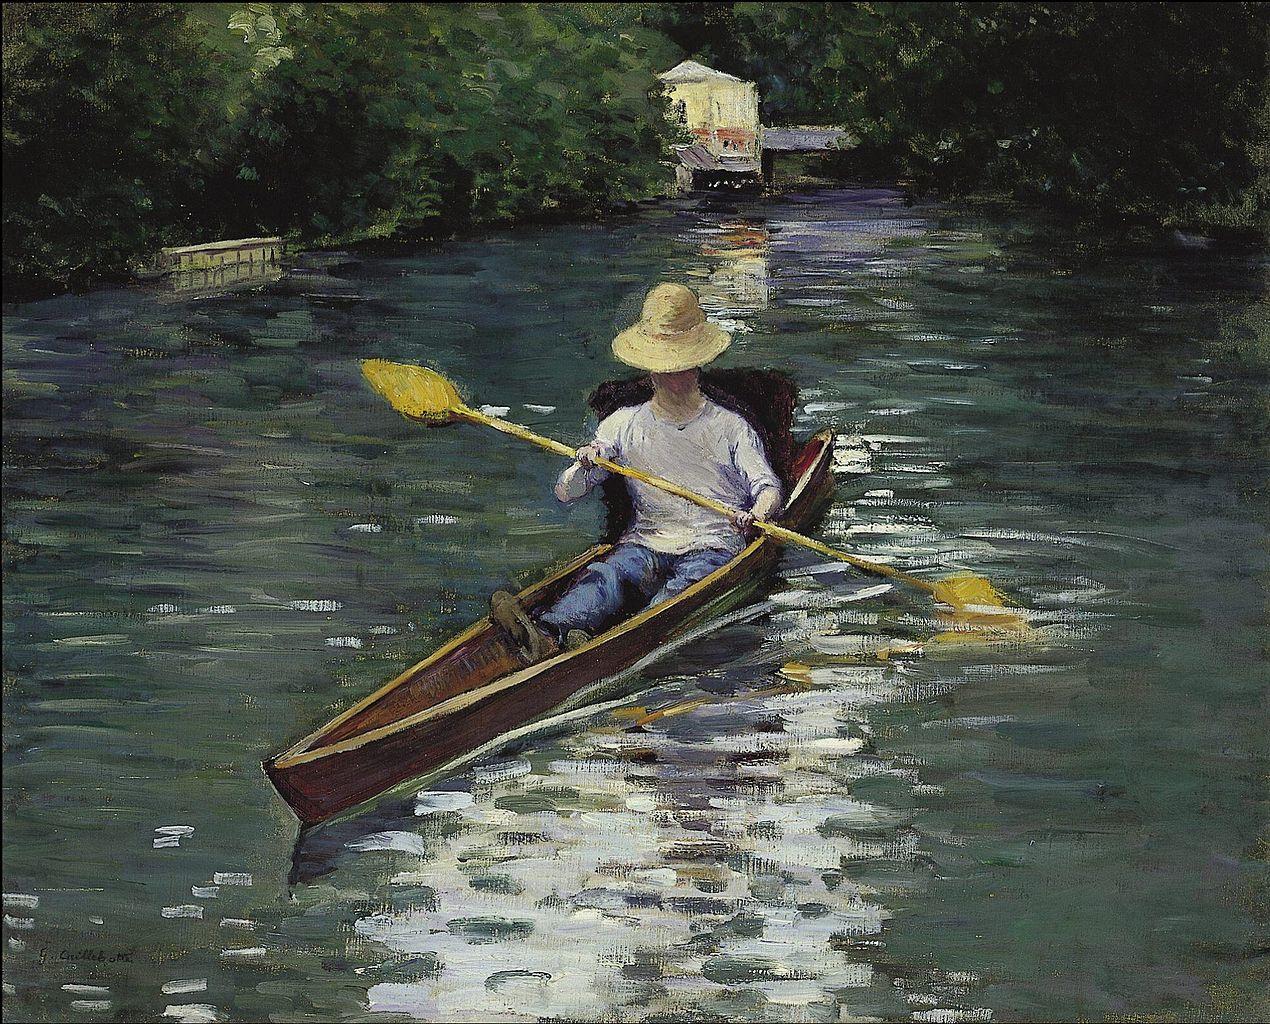 Ca s'est passé en août ! Gustave-caillebotte.-canoe-sur-la-riviere-yerres-1878-